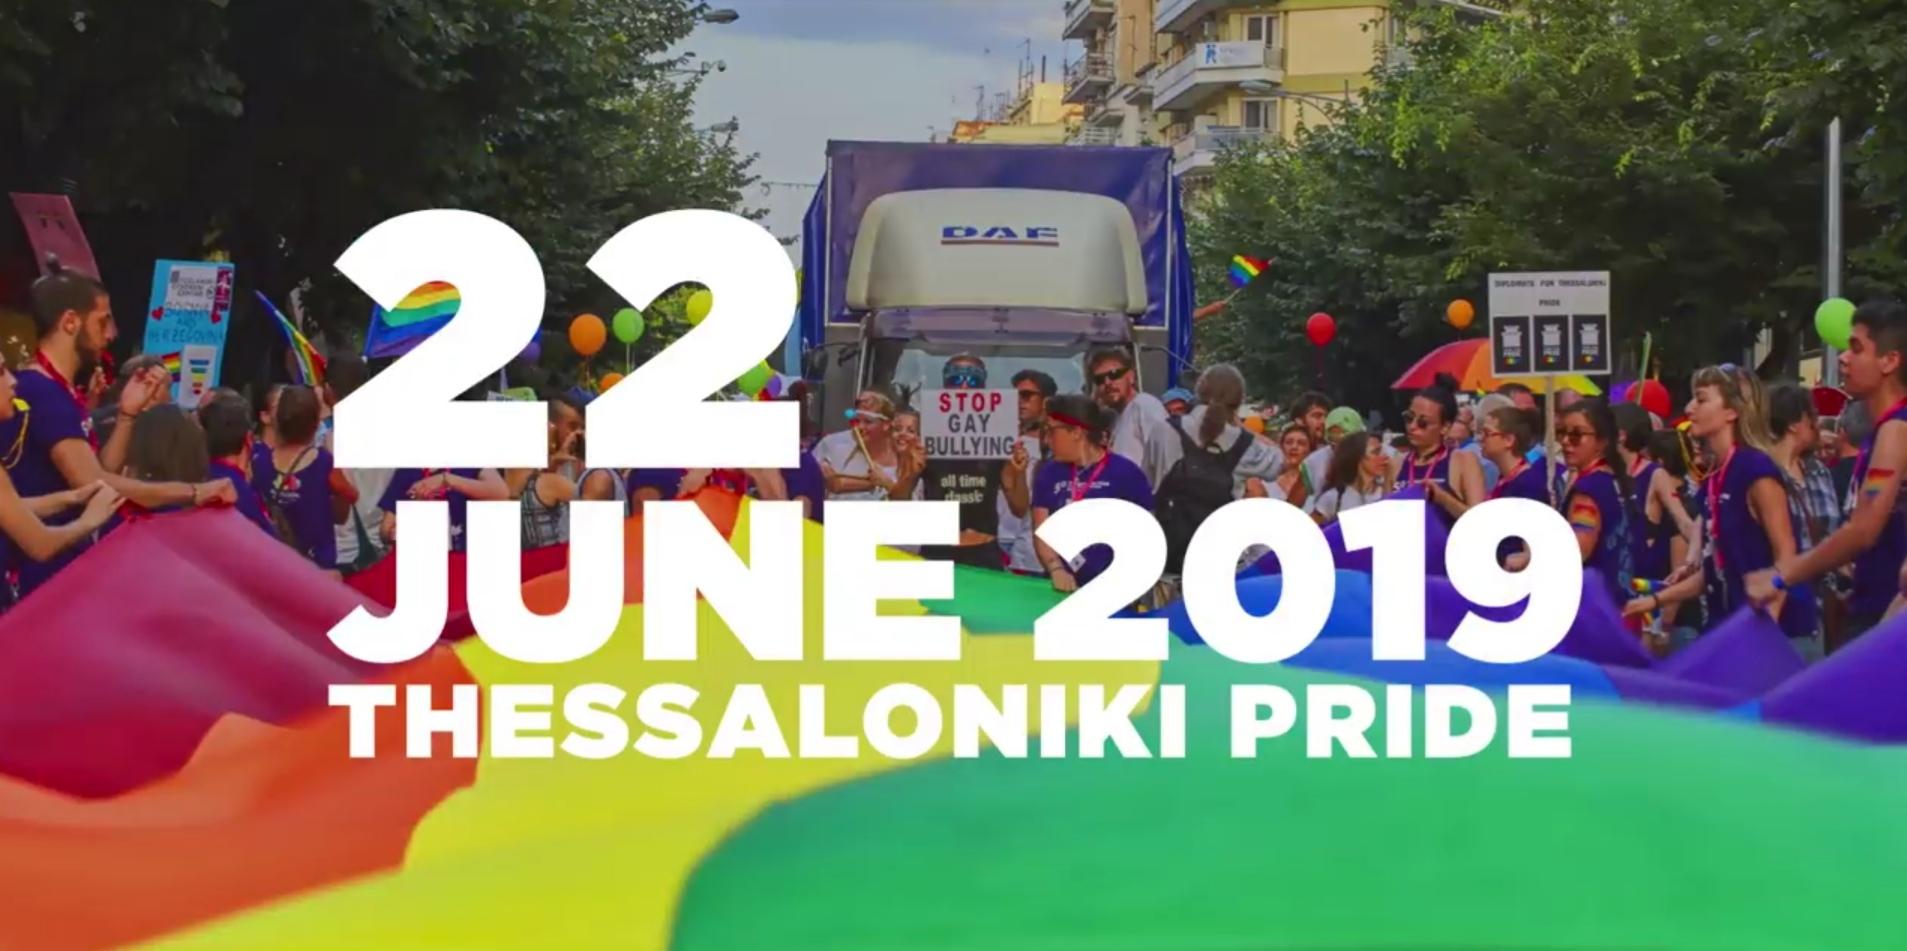 Ξεκινάει το 8ο Thessaloniki Pride-«Γράφουμε Ιστορία!»